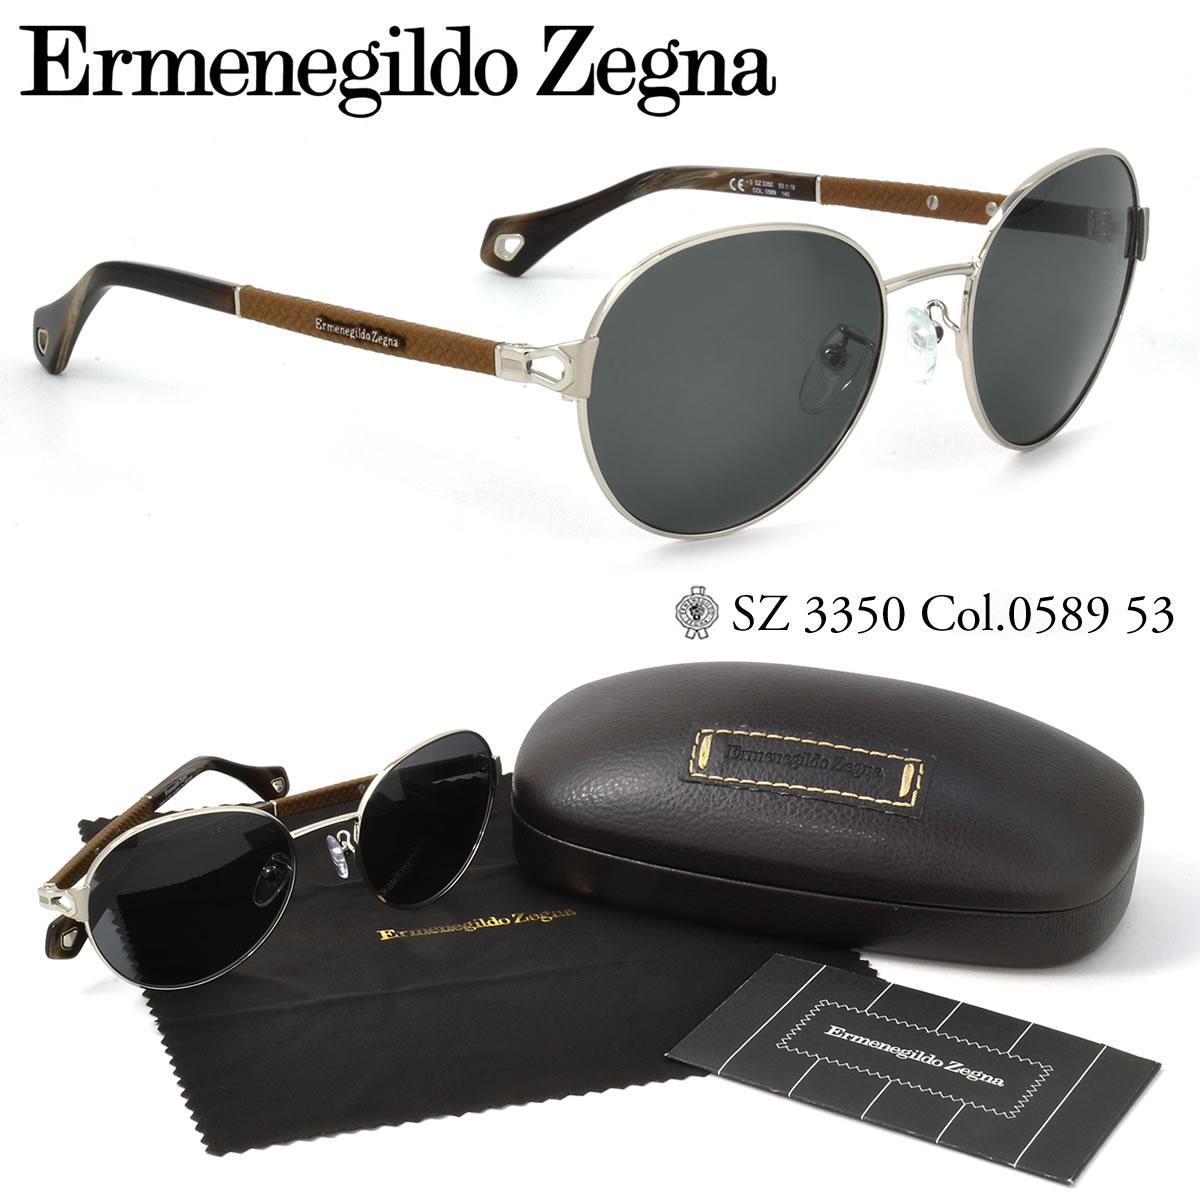 Ermenegildo Zegna SZ3350 0589 53